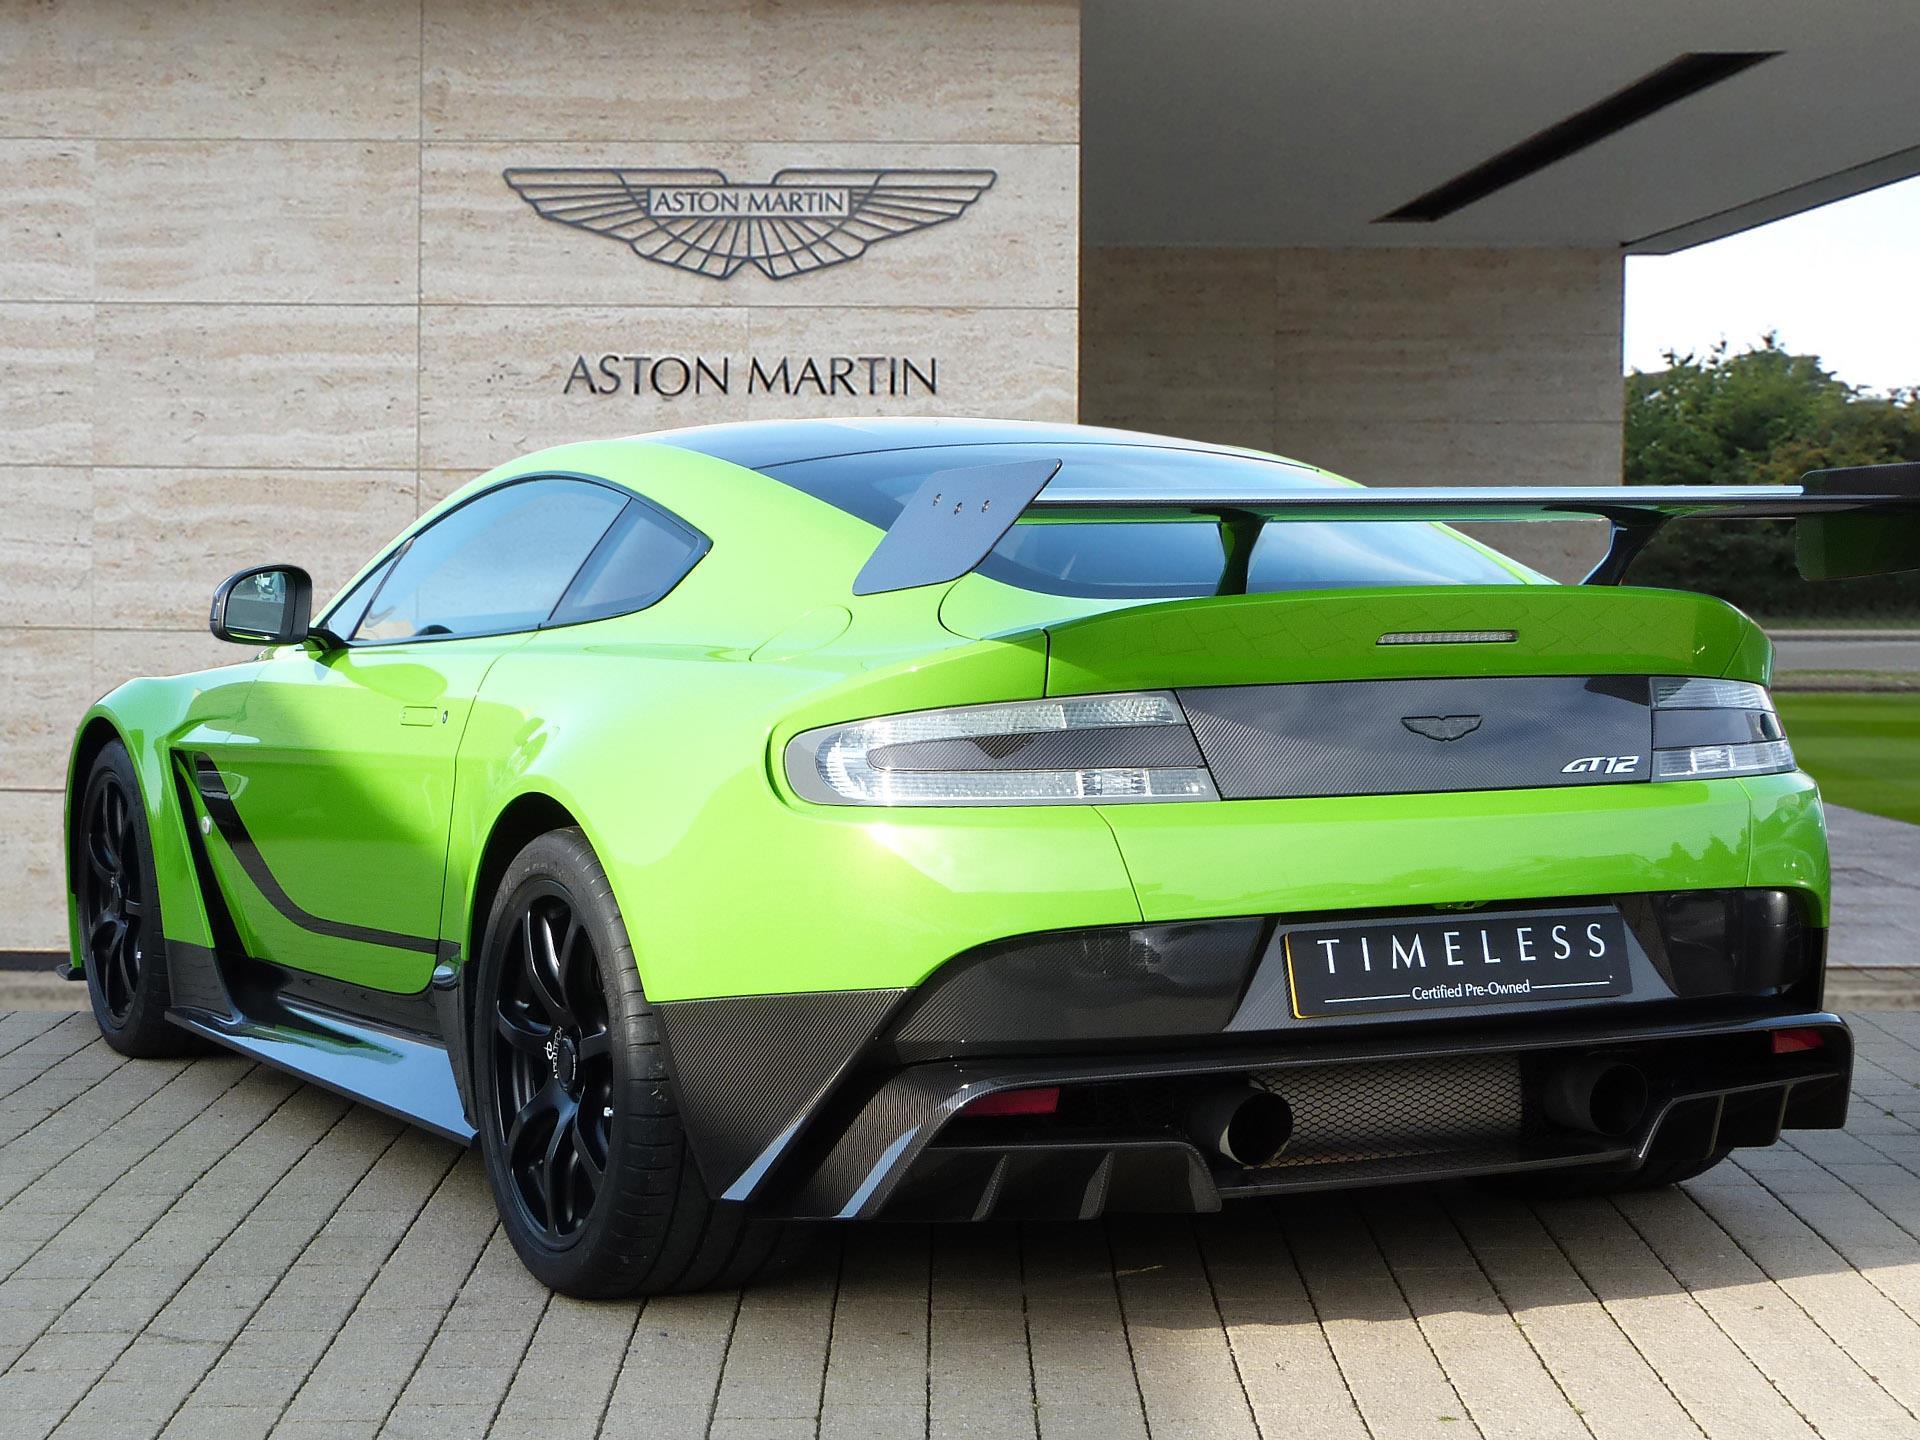 Aston Martin GT12 Coupé